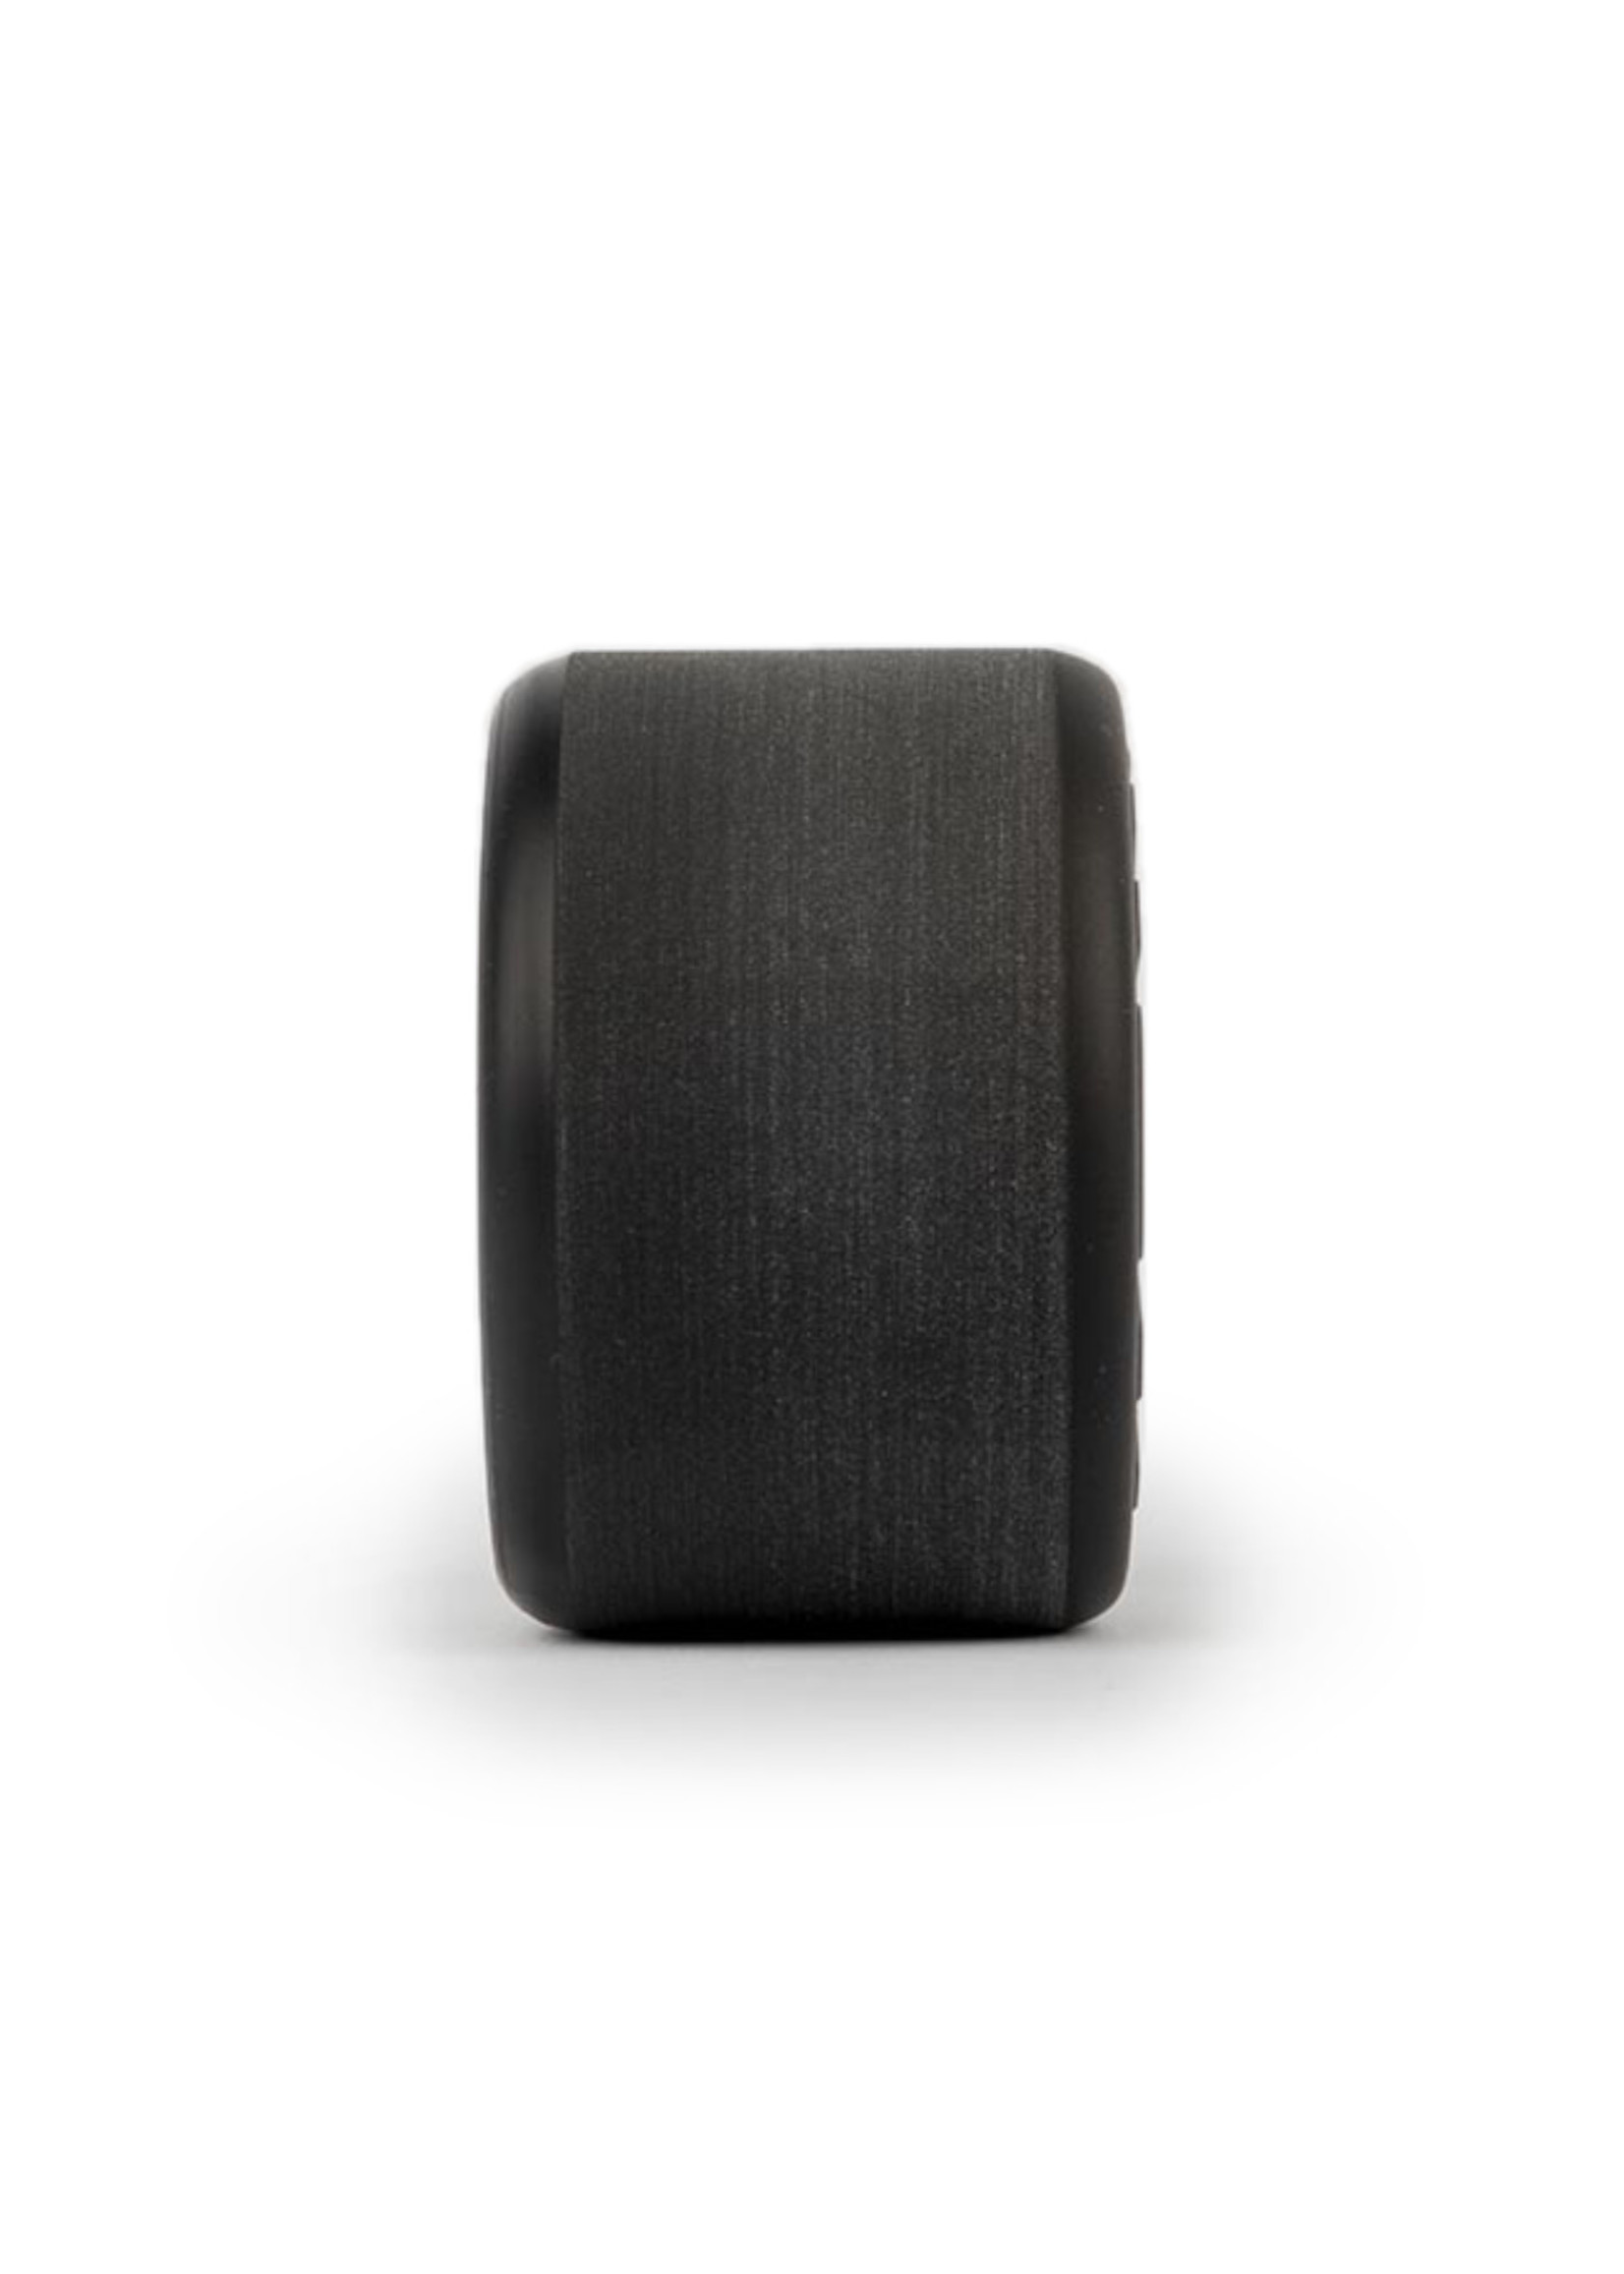 Hawgs Wheels Hawgs Easy Rollen 63 mm 78A Black 4er-Set